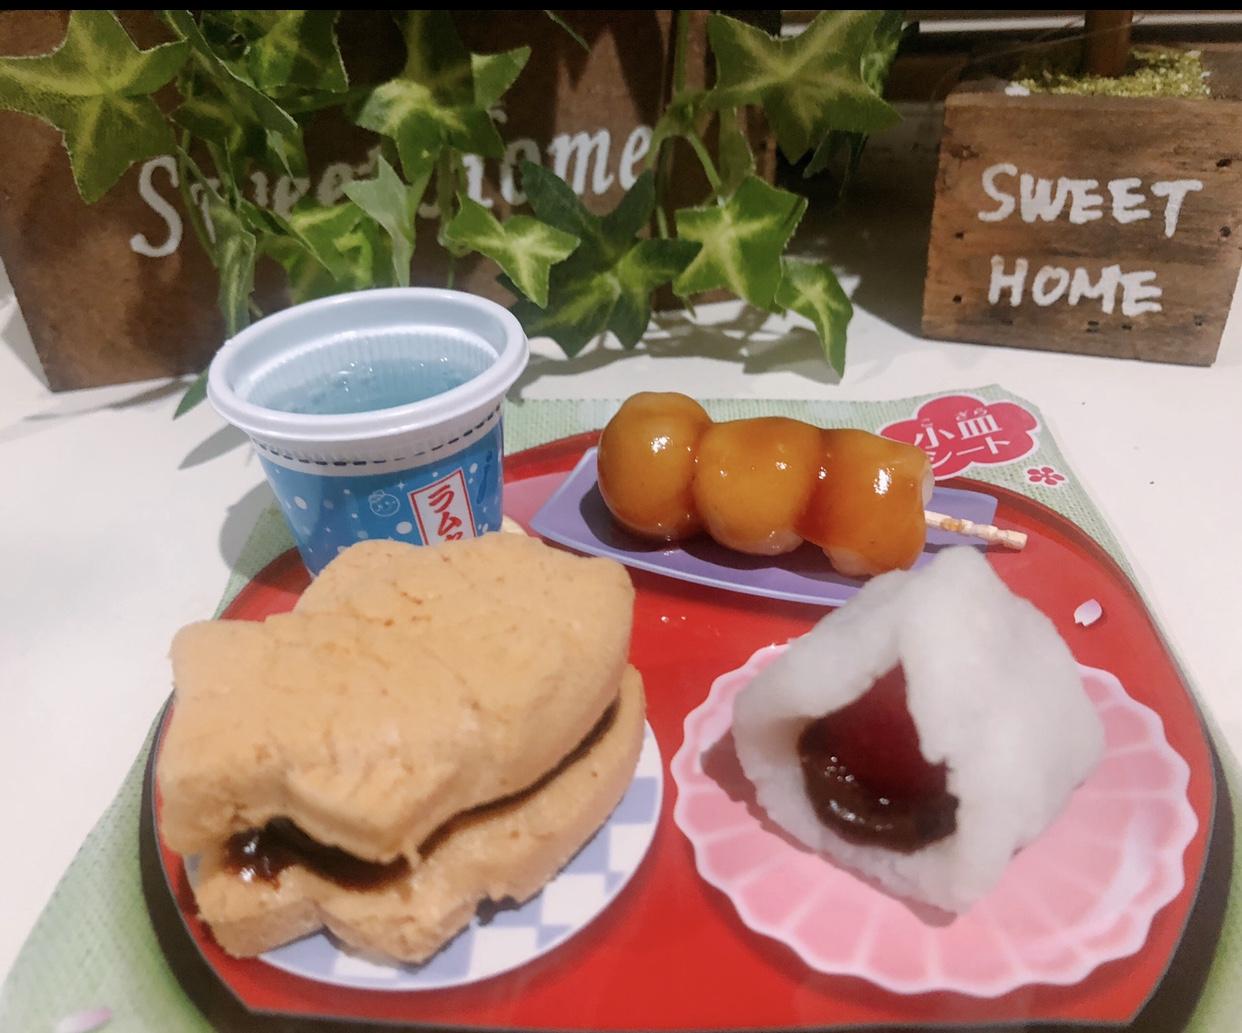 【大人もハマる!?クオリティが高すぎる知育菓子】たいやき&おだんごを作ってみた!_4